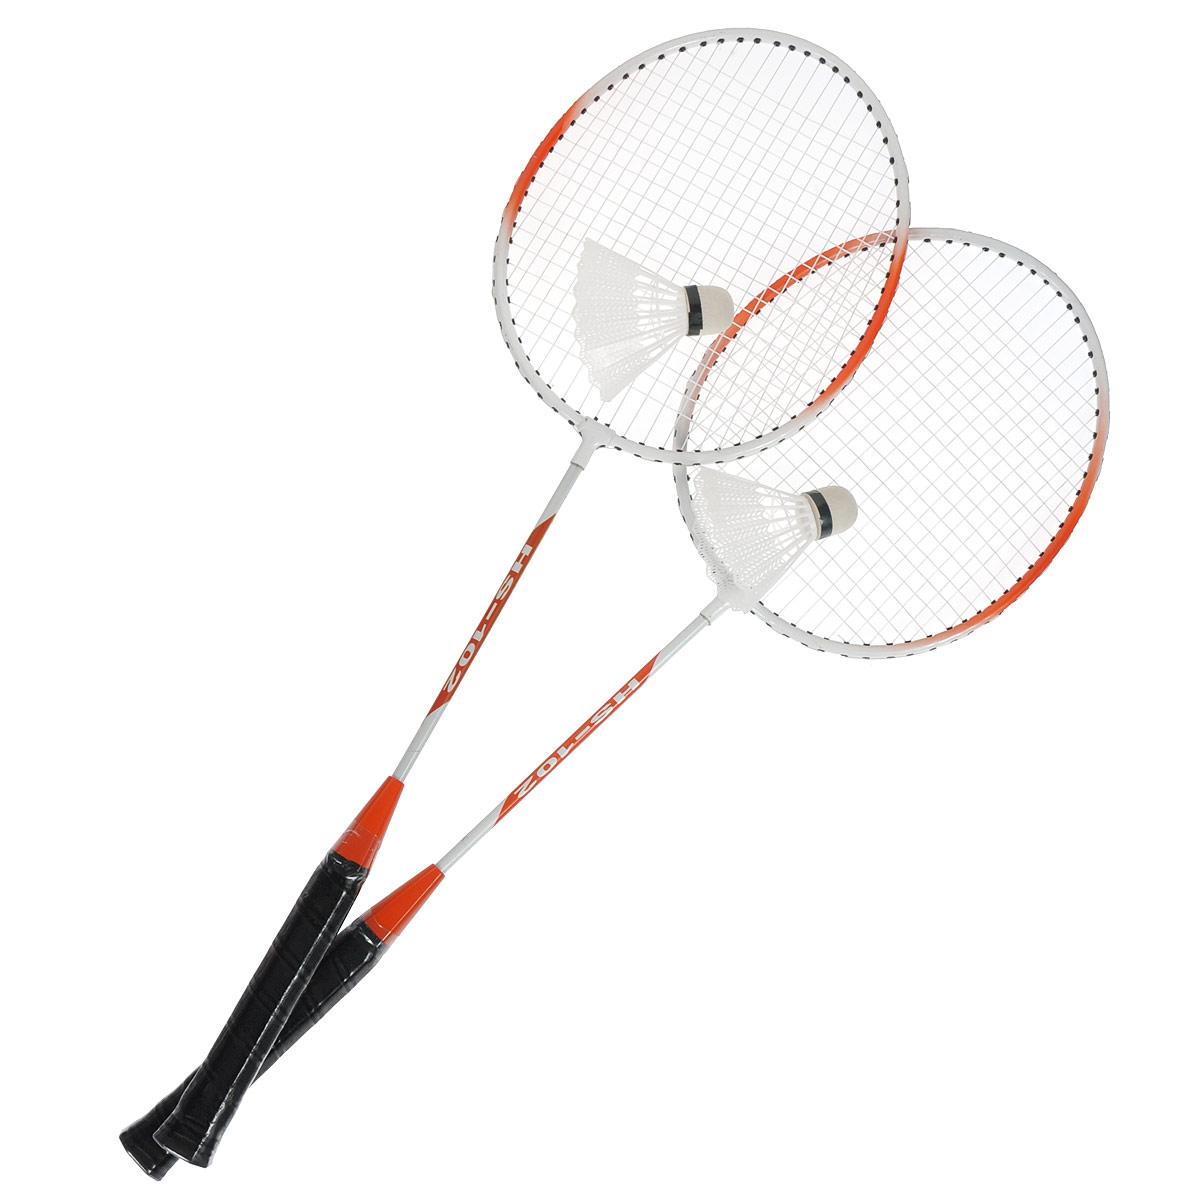 Набор для бадминтона Dr.Queen, цвет: красно-оранжевый. HS-102HS-102Набор для бадминтона Dr.Queen поможет вам весело и с пользой для здоровья провести время на свежем воздухе. В набор входят две ракетки и два волана для бадминтона, упакованные в чехол с регулируемым ремнем для переноски на плече или в руке. Ручки ракеток покрыты нескользящим материалом, что сделает игру еще комфортнее. Игра в бадминтон развивает ловкость, силу, глазомер и быстроту реакции. Порадуйте своего непоседу таким замечательным подарком!